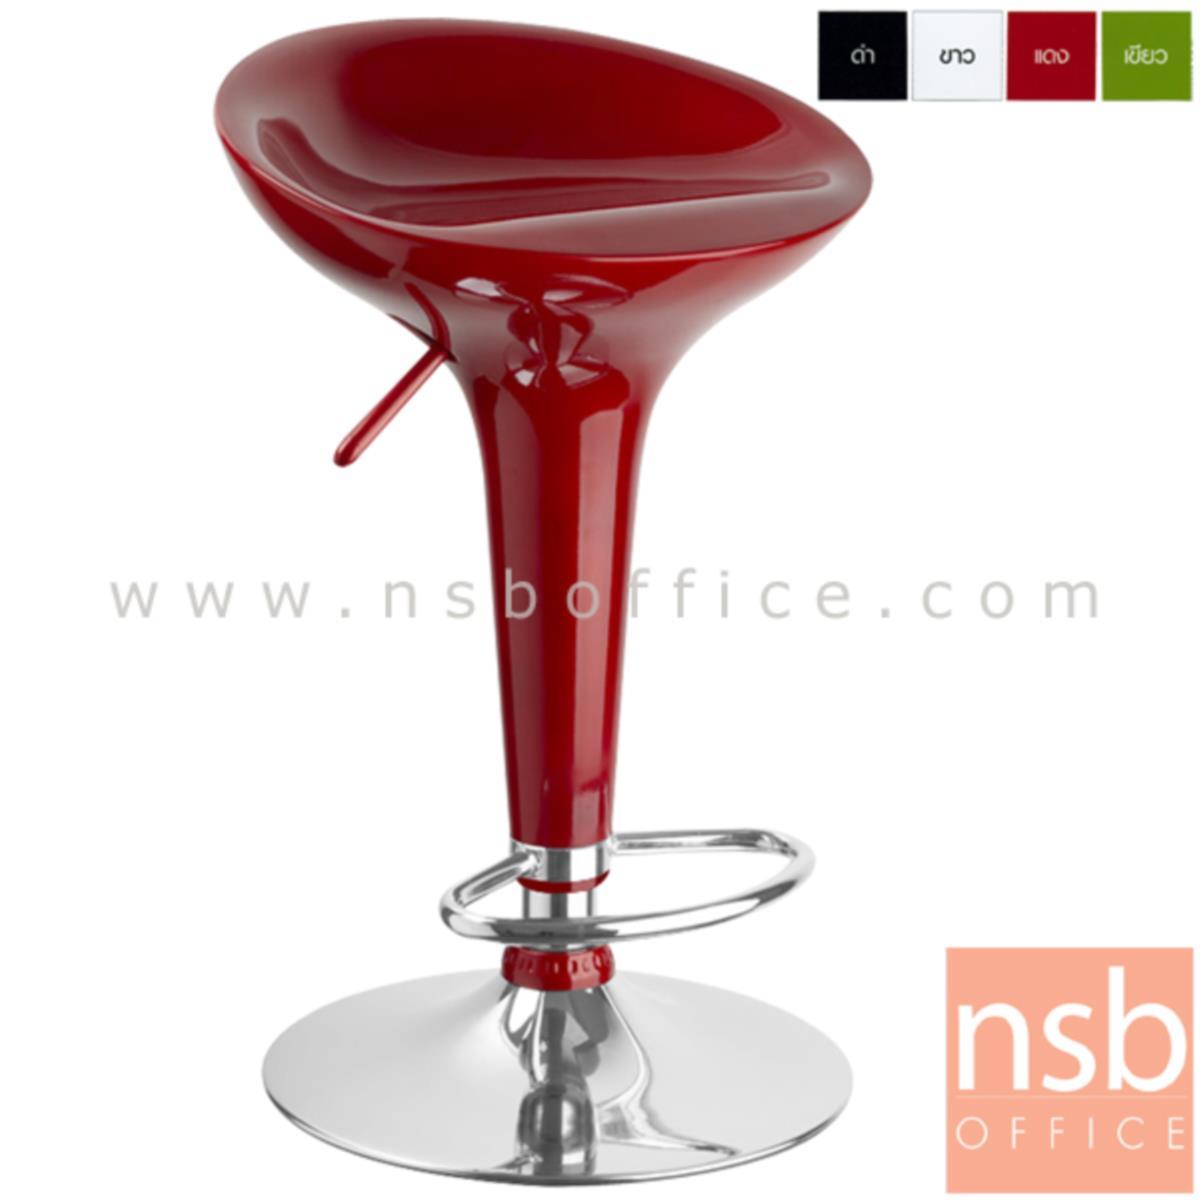 B09A059:เก้าอี้บาร์สูงพลาสติก (ABS) รุ่น Stowe (สโตว์) ขนาด 44W cm. โช๊คแก๊ส ขาโครเมี่ยมฐานจานกลม